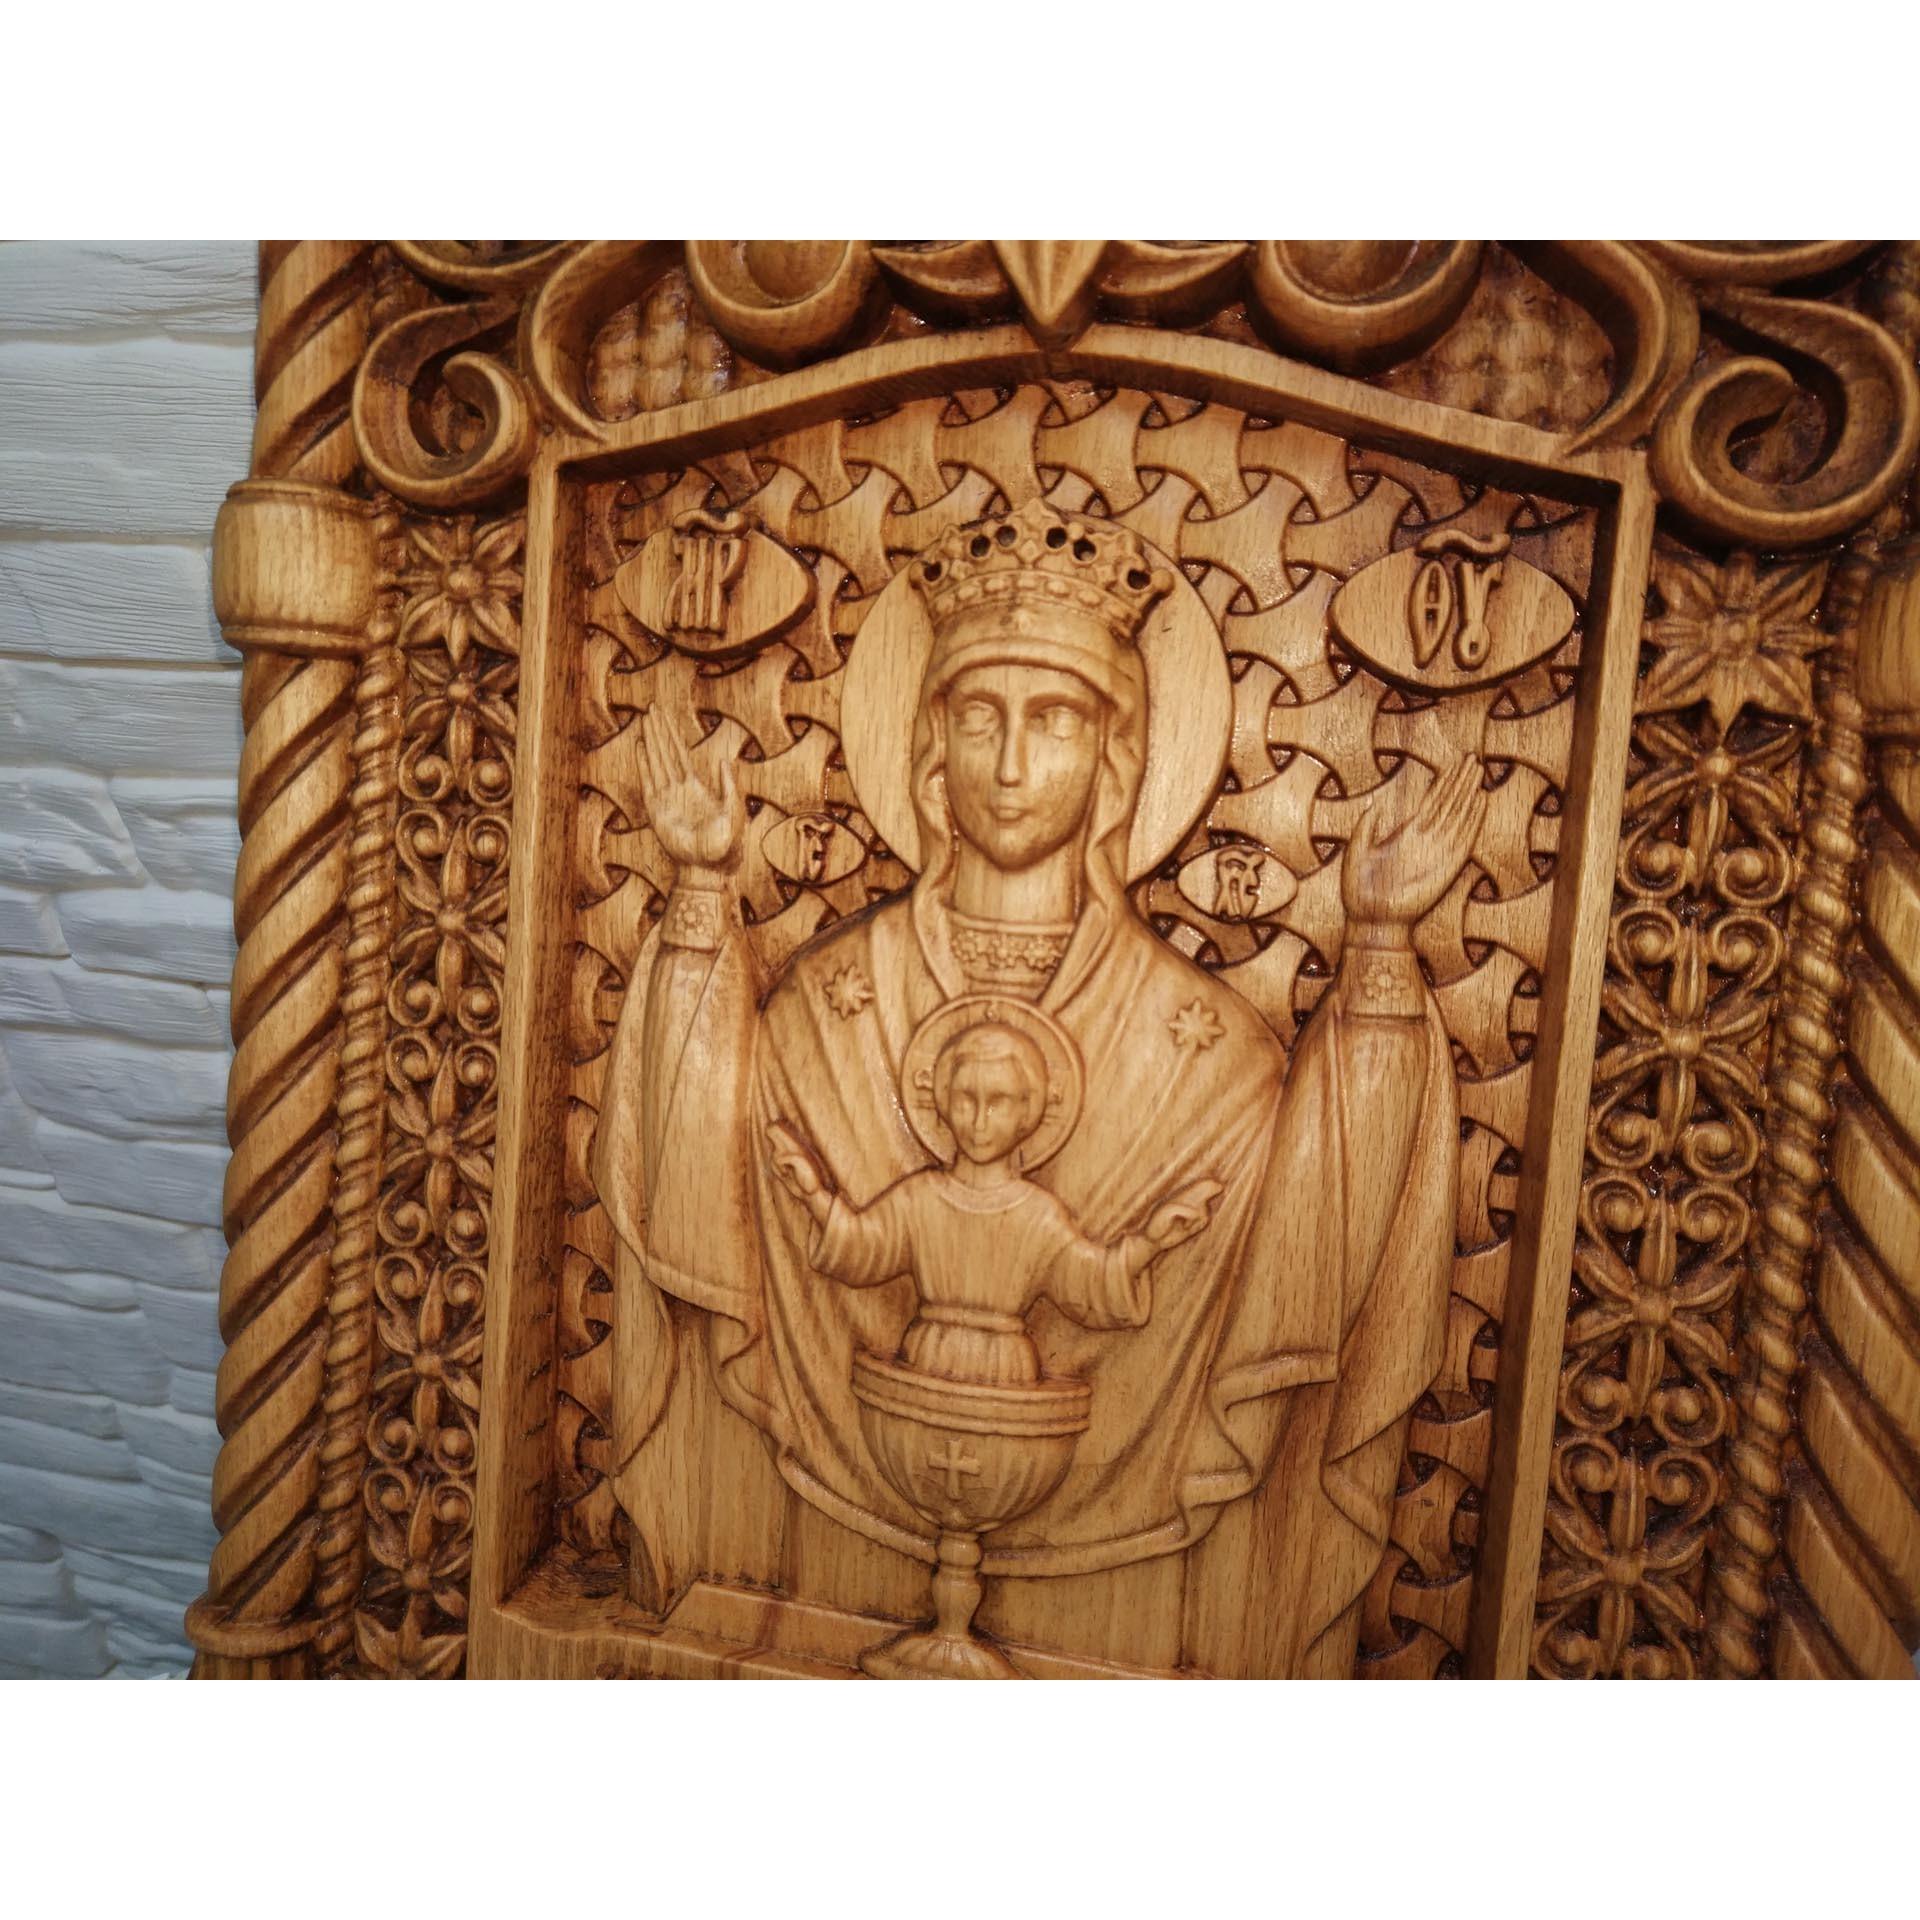 Резная уникальная икона пресвятой богородицы Неупиваемая чаша